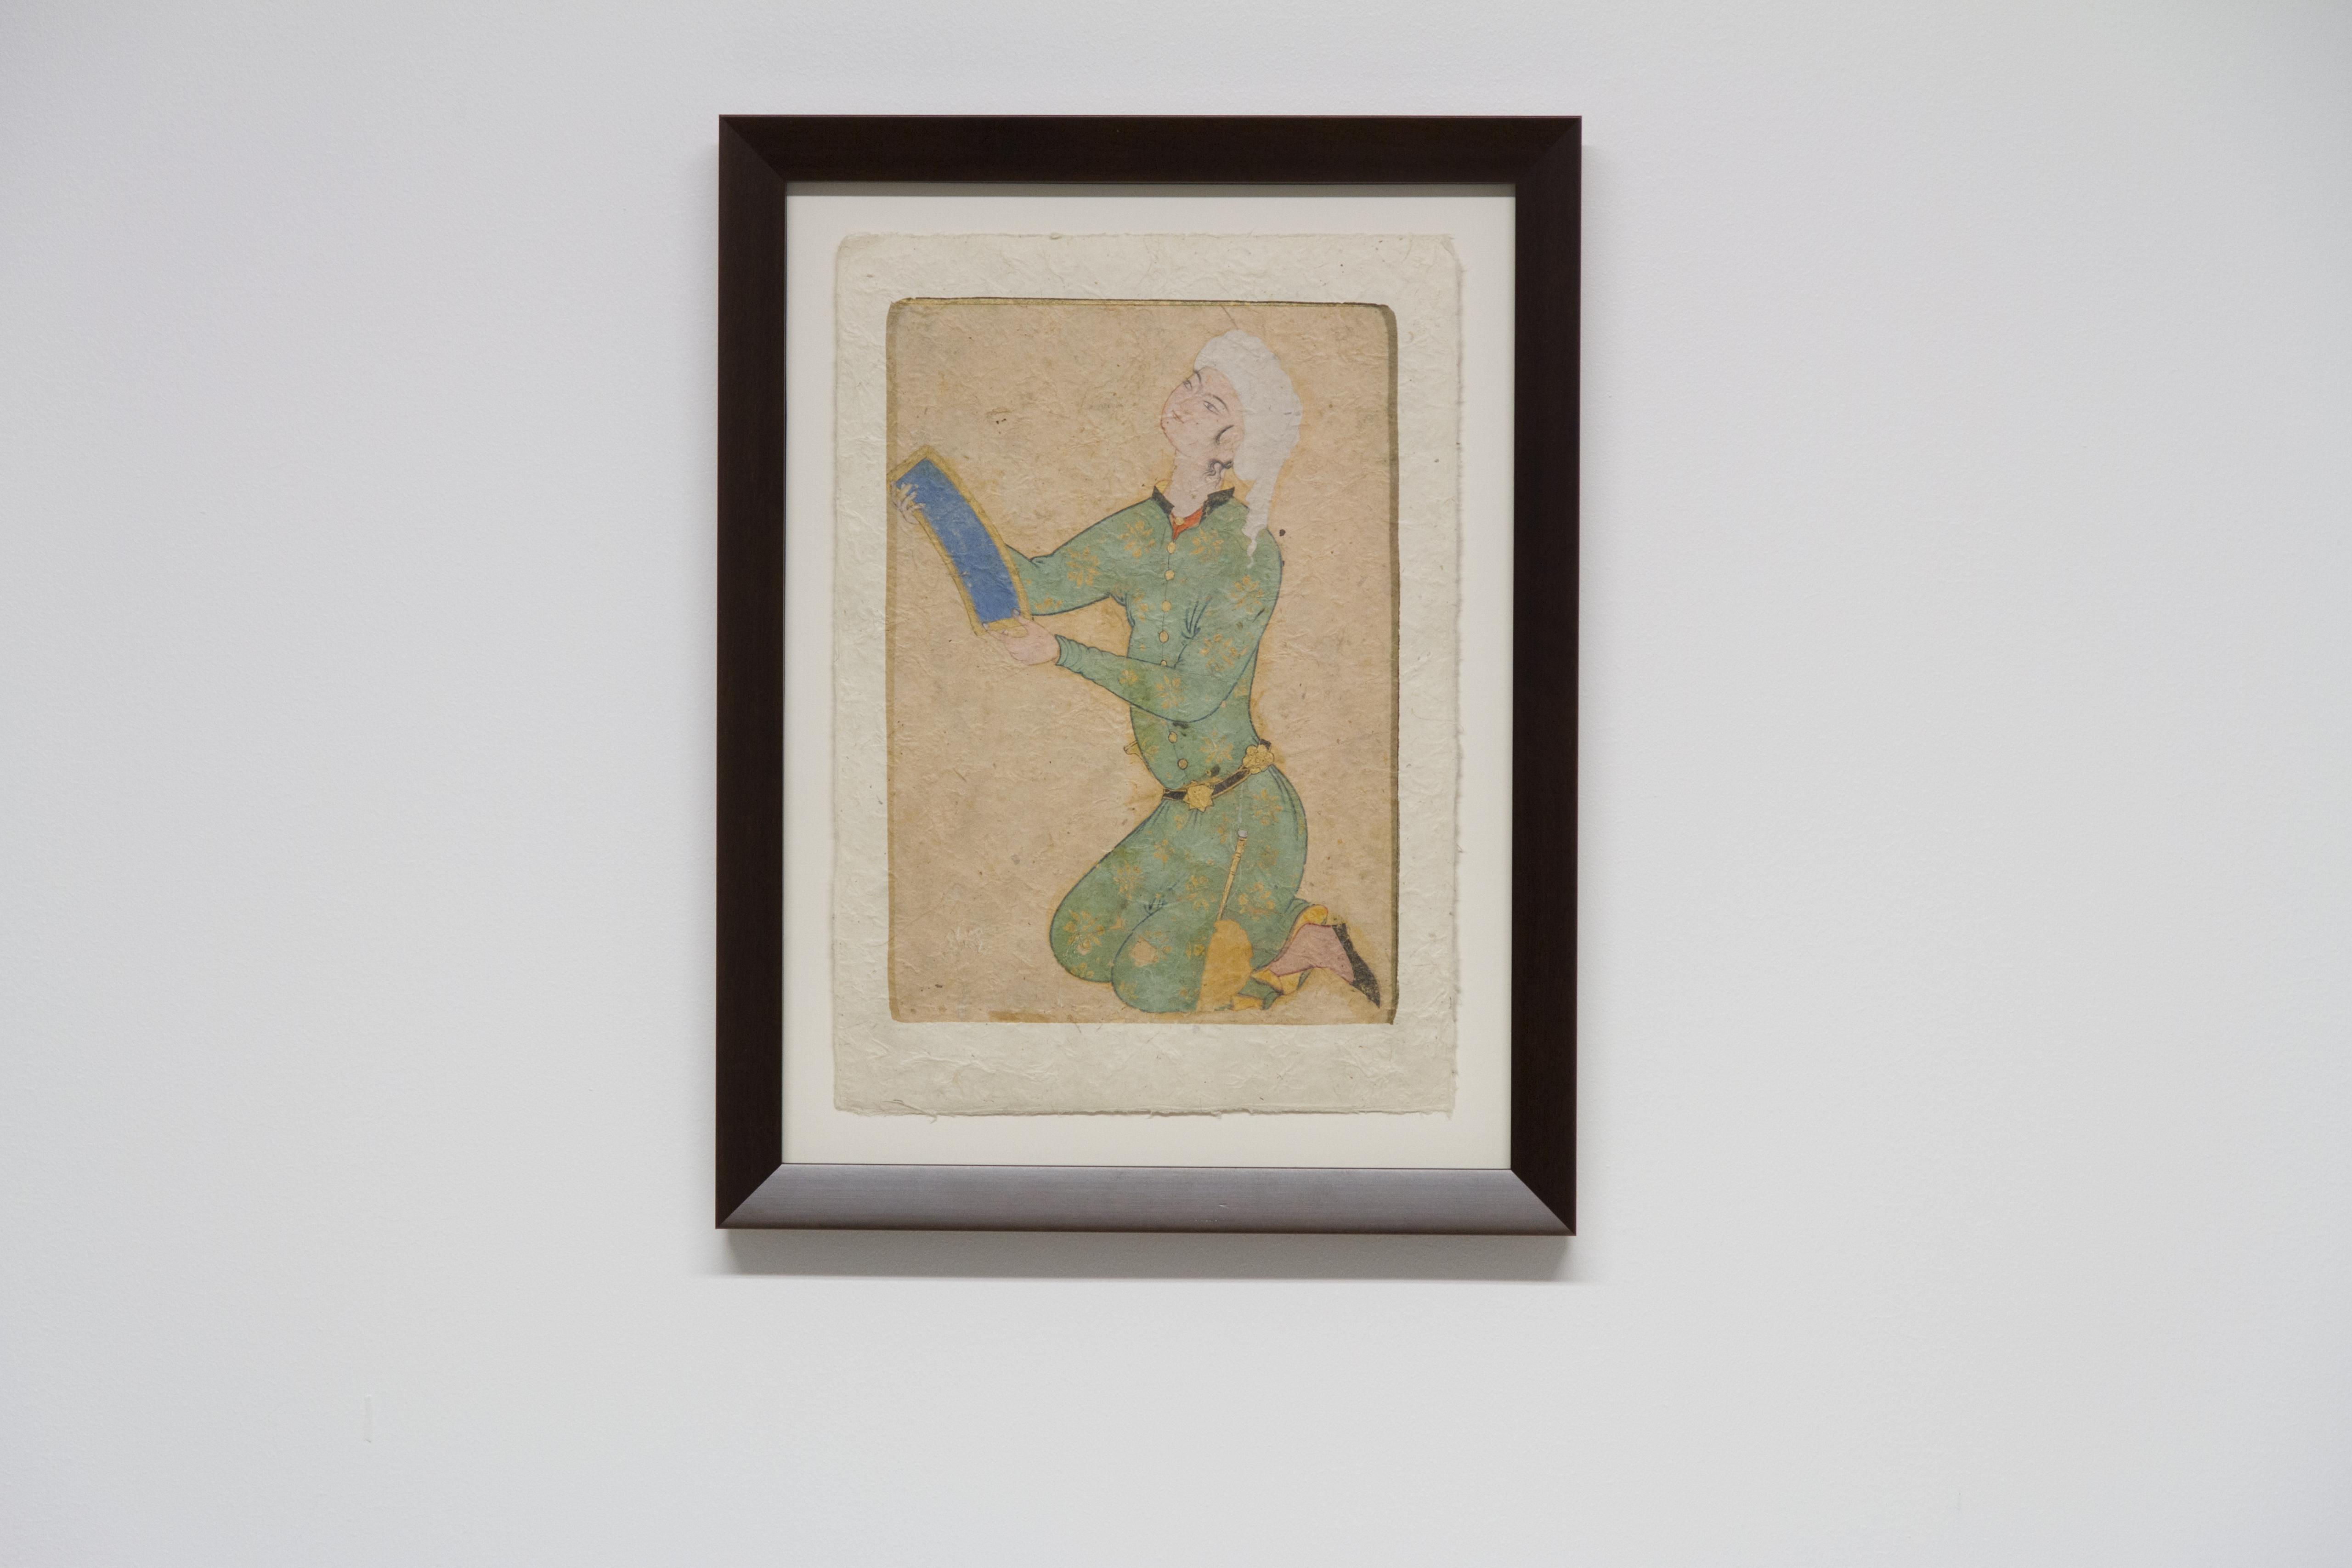 Impression sur papier Lokta d'une miniature persane encadrée par Artlabs Artdeqo